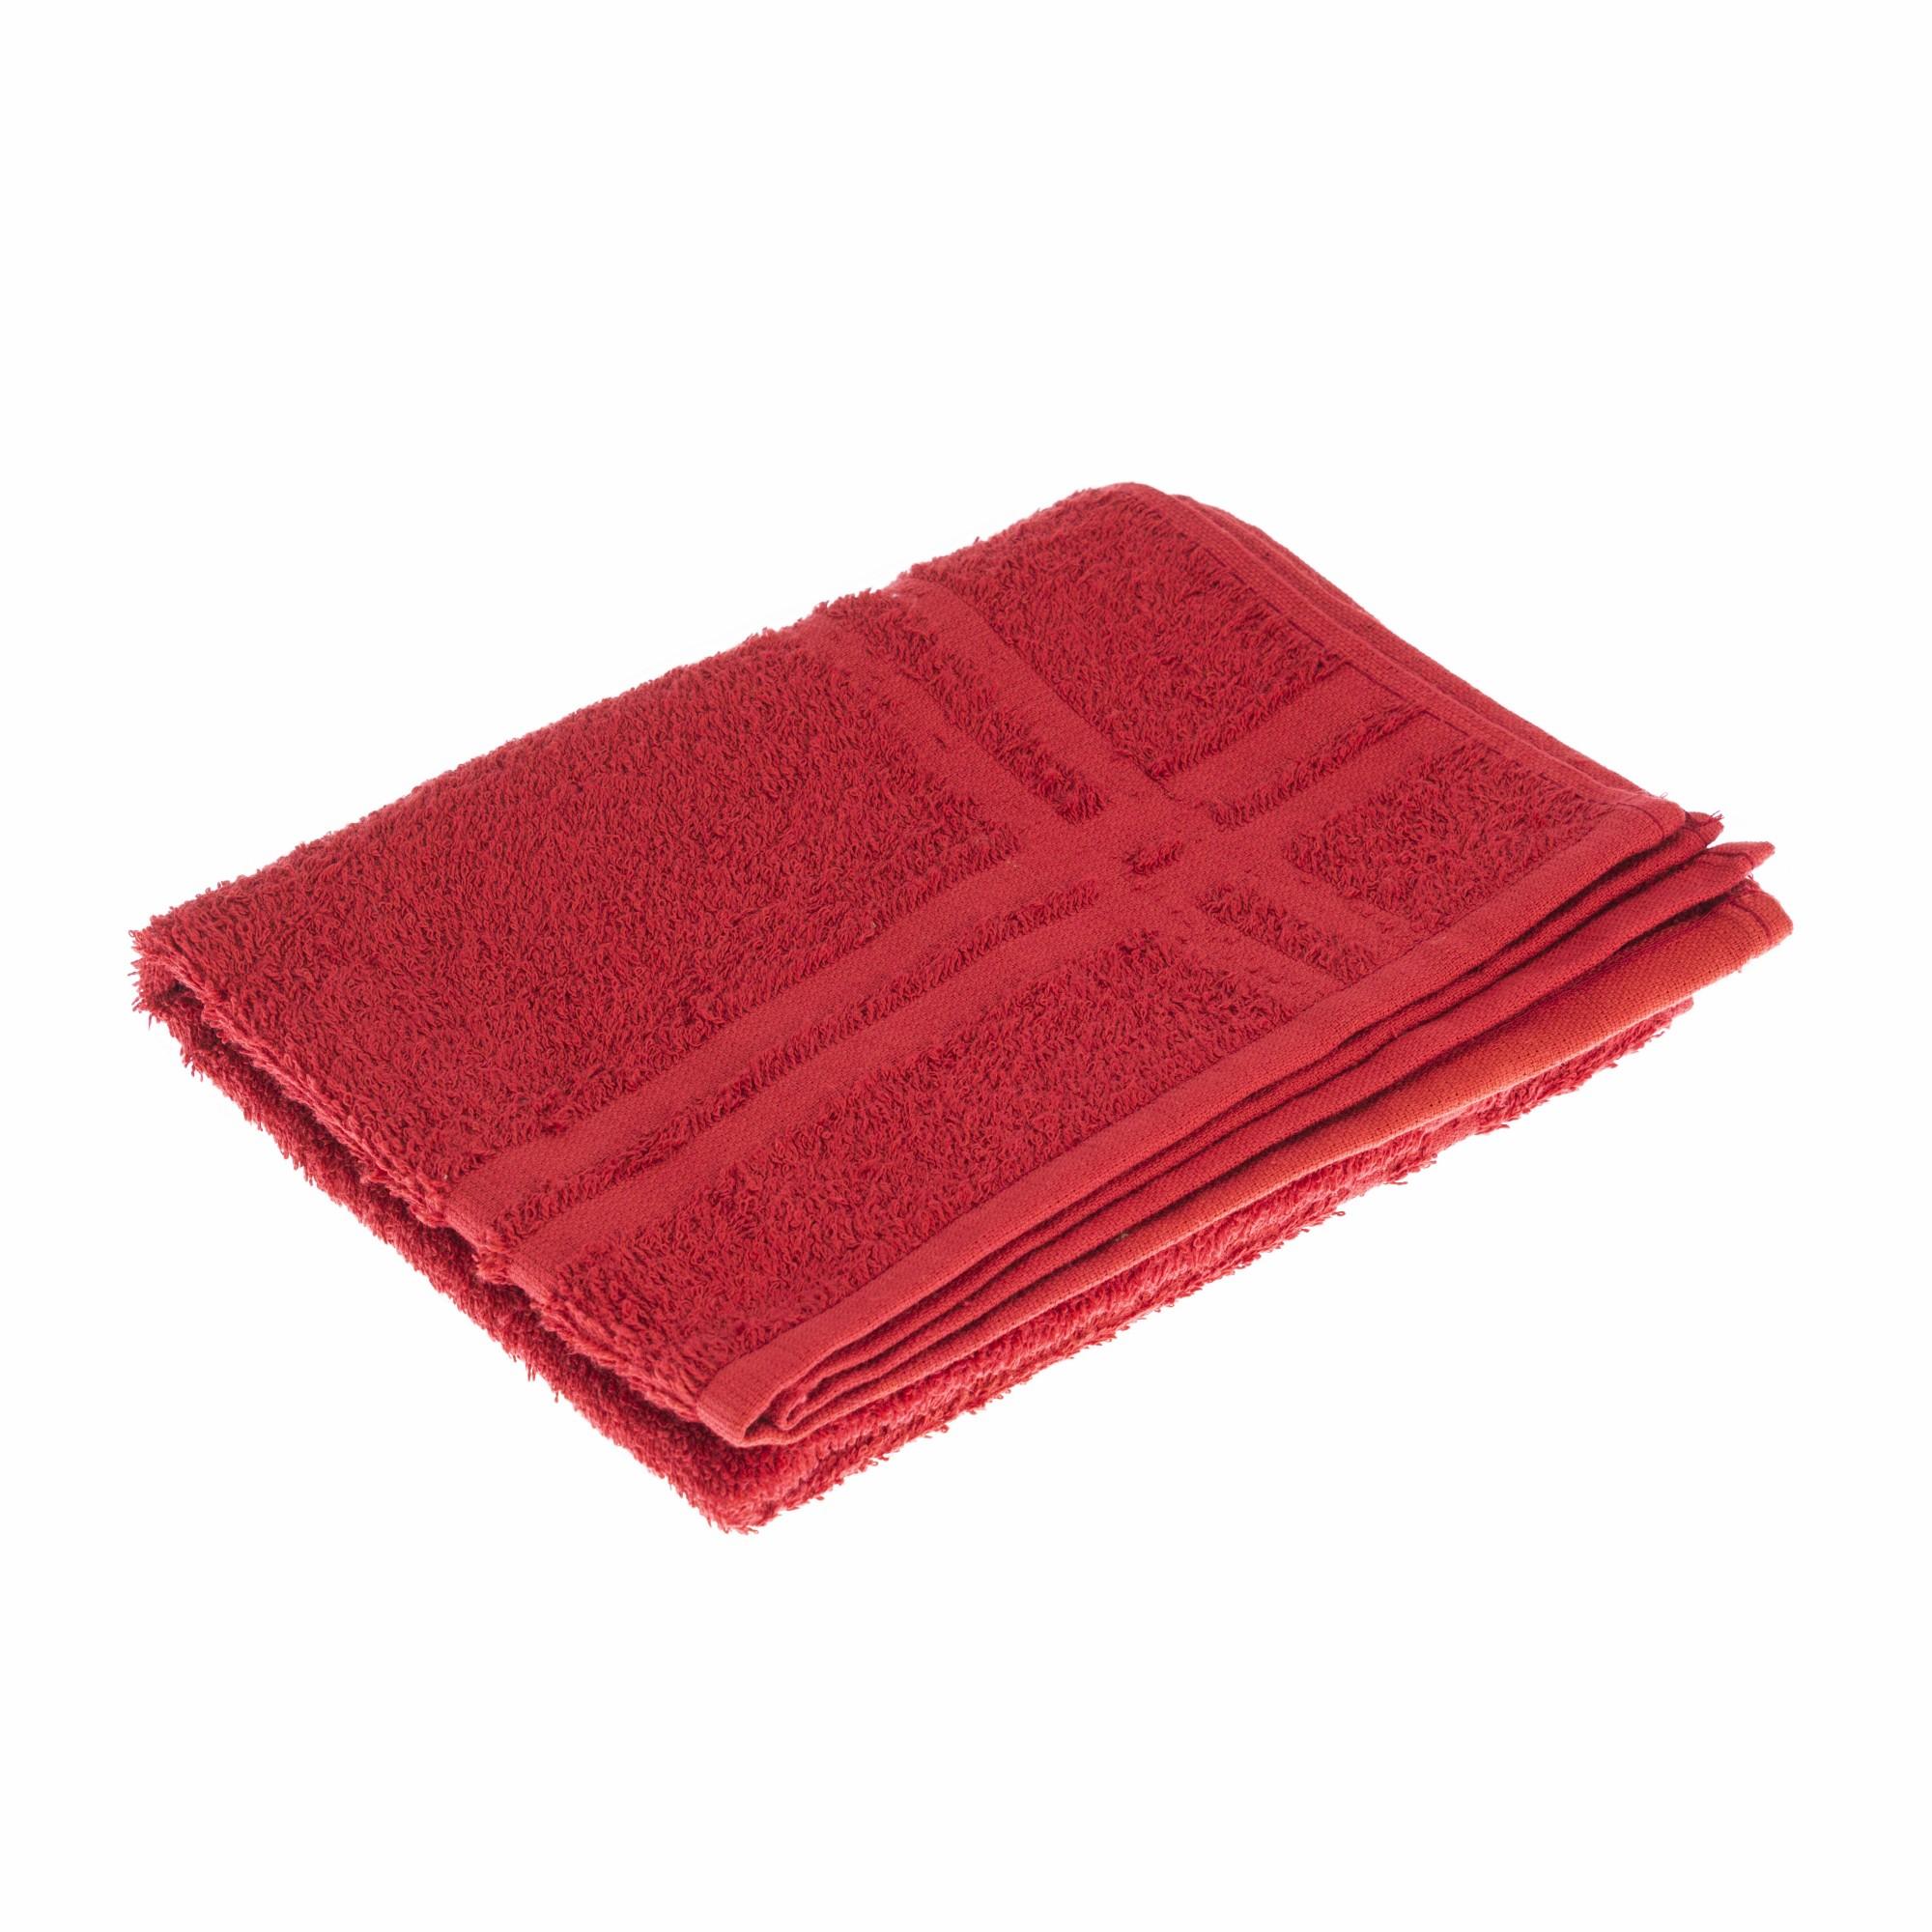 Toalha de Piso Charme 42 x 68 cm 100 Algodao Vermelho - Marcotex